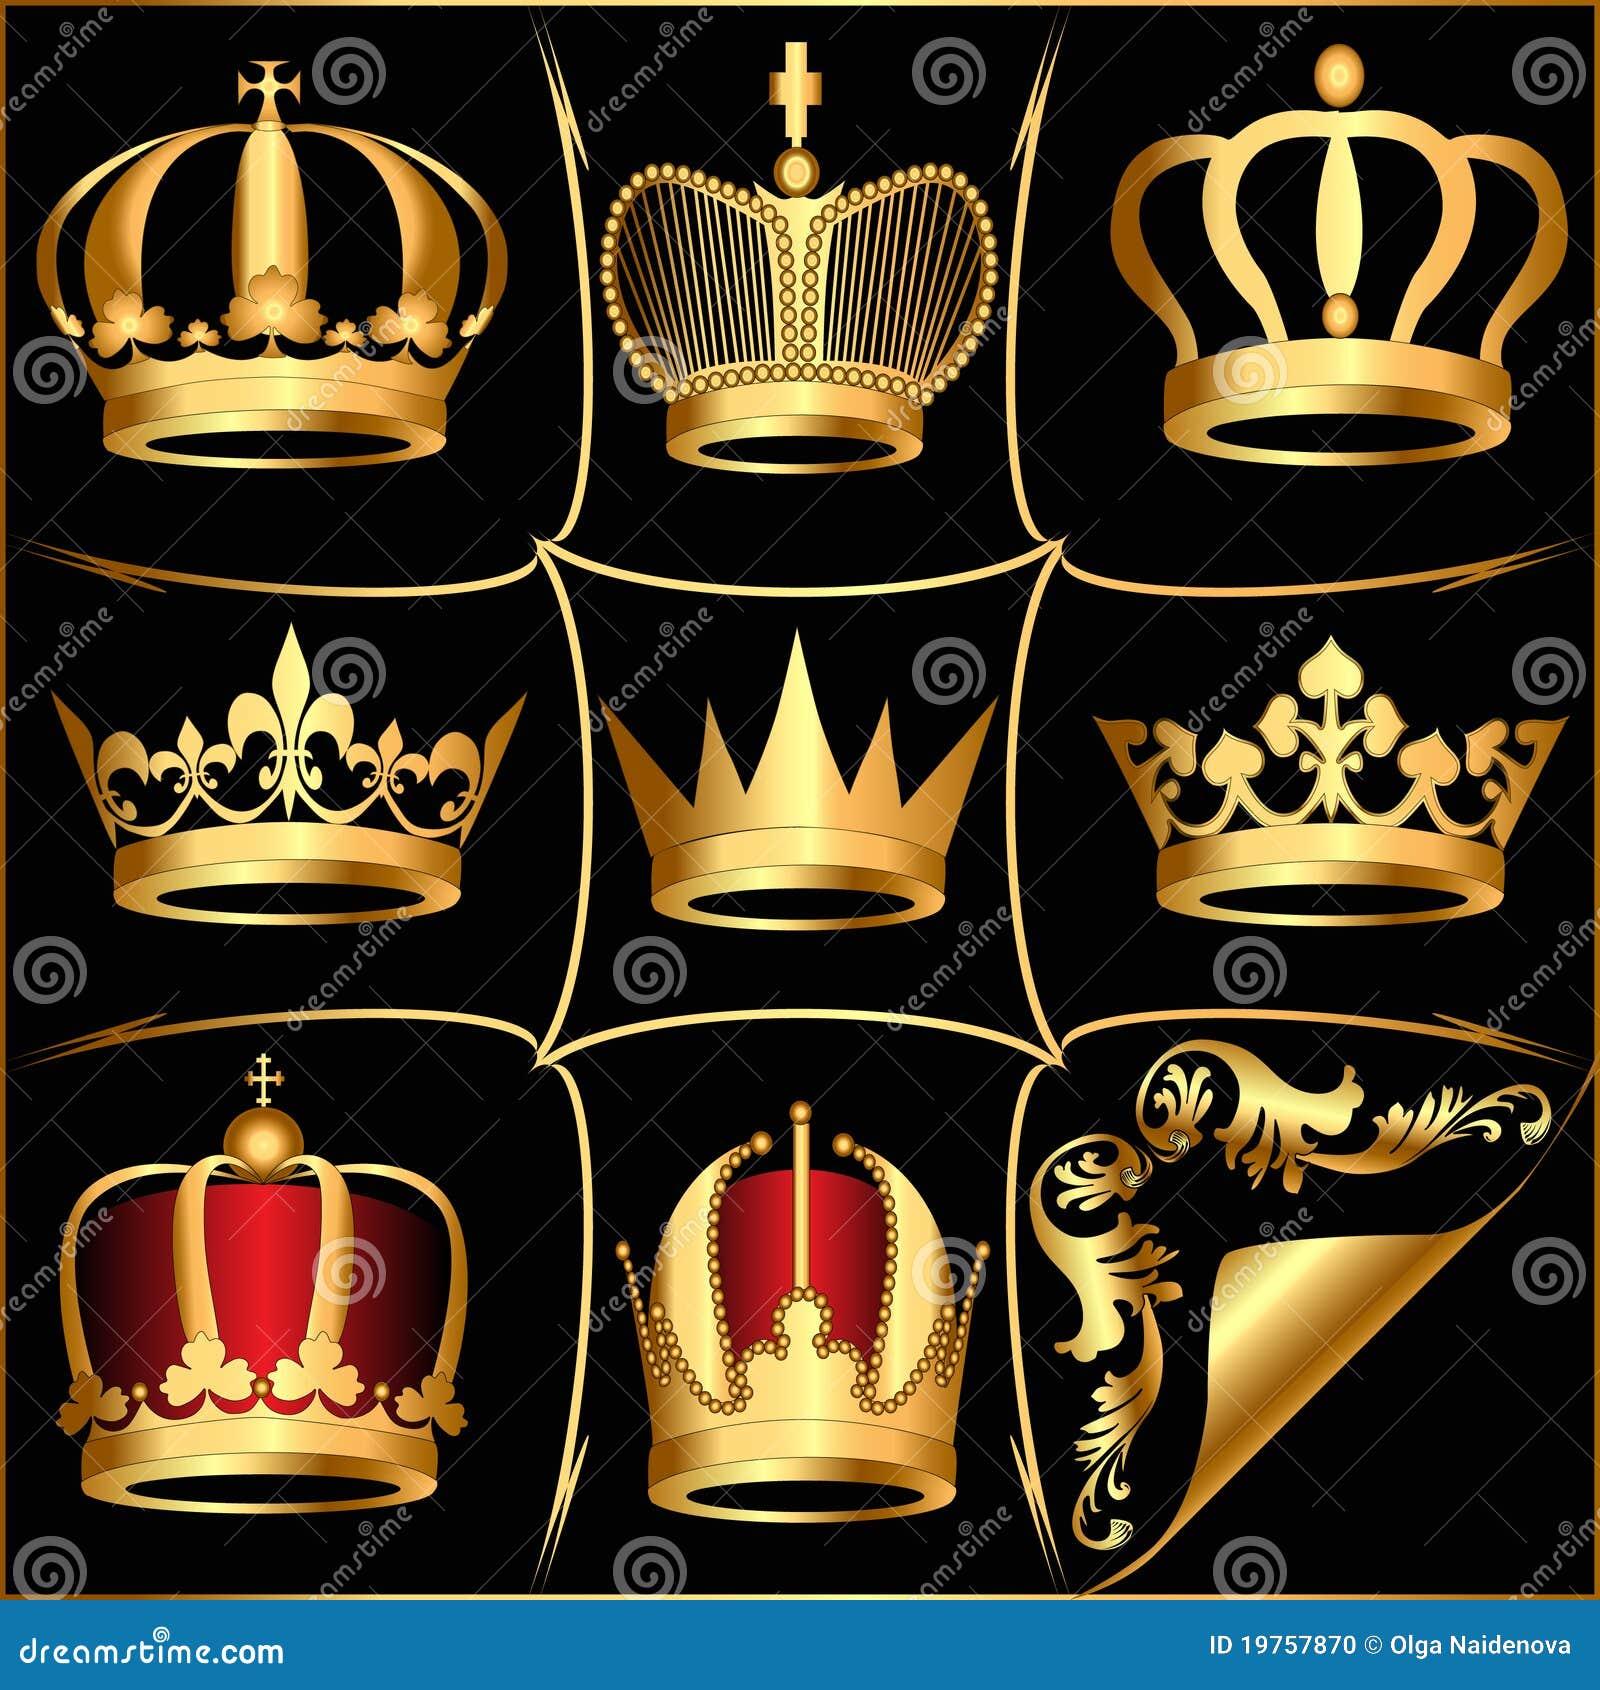 Plantillas gratis de coronas. | Ideas y material gratis